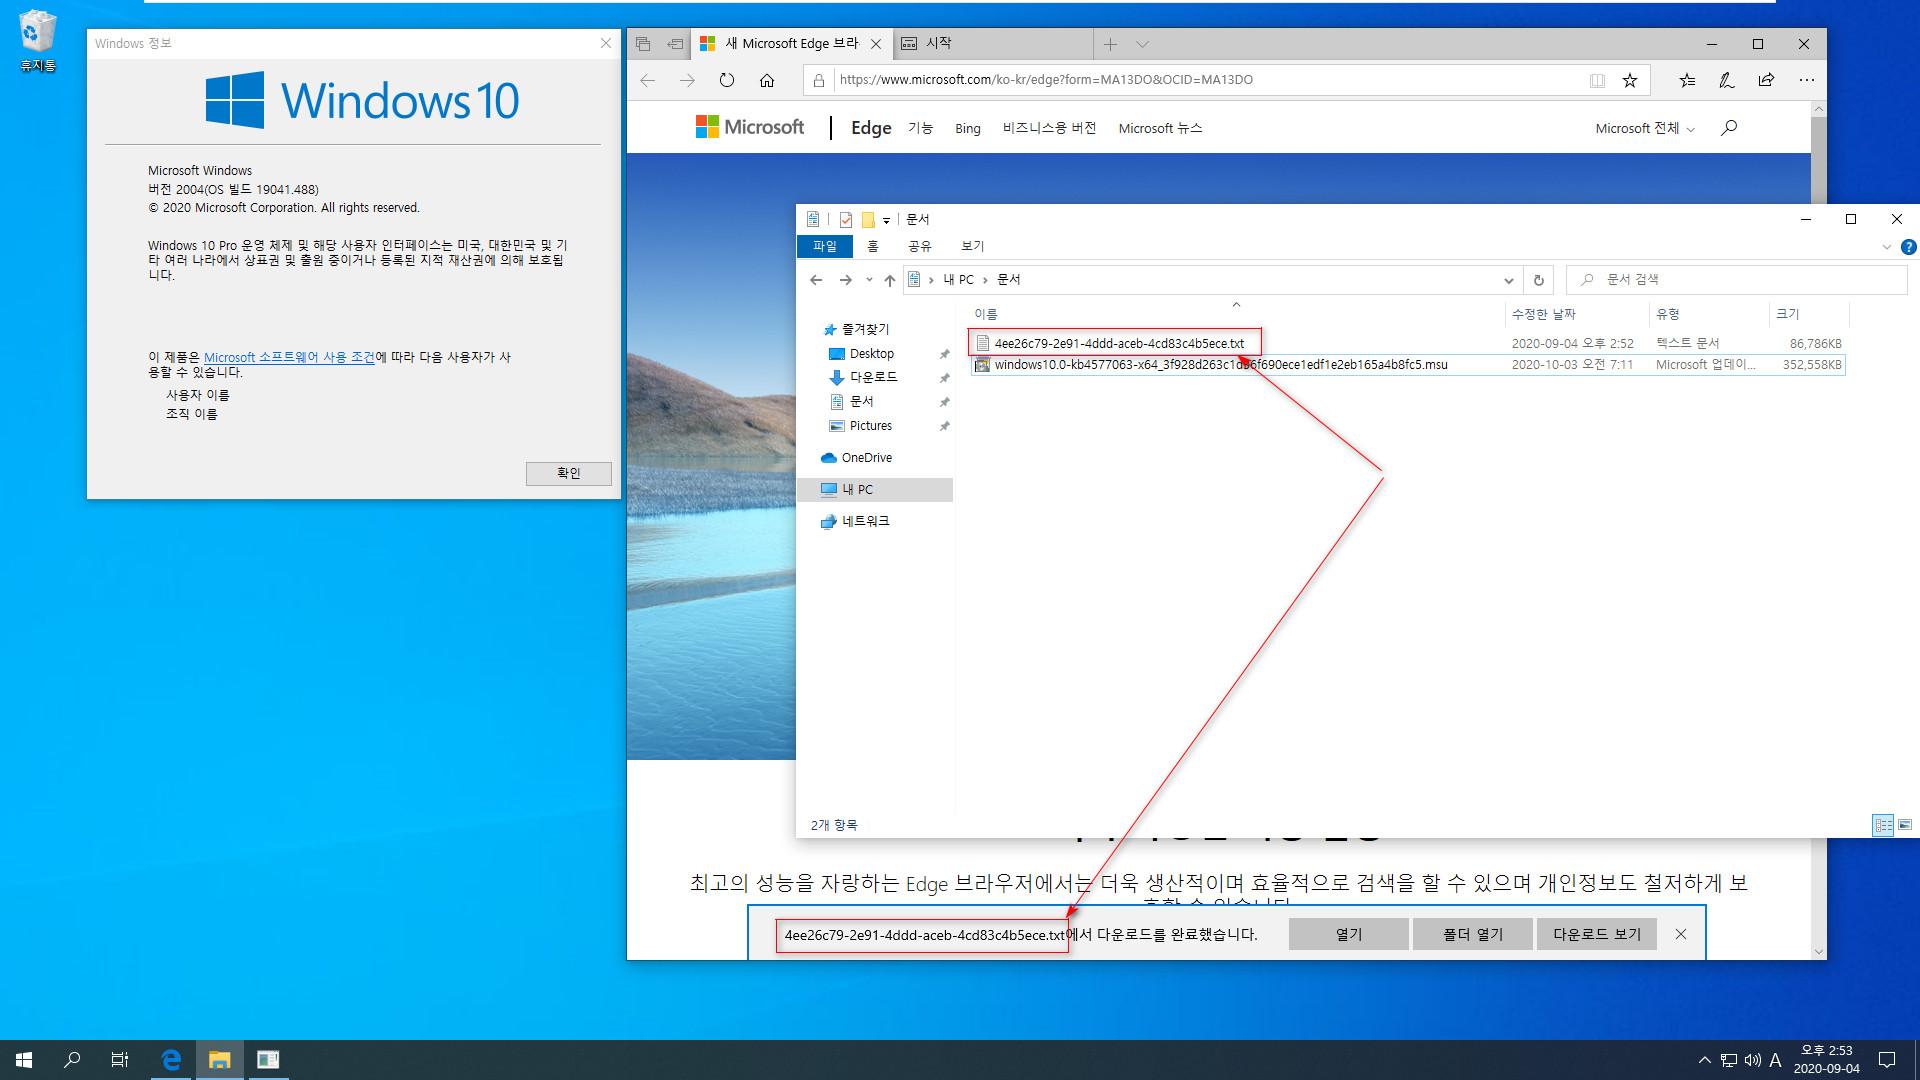 버전 2004 (20H1)에서 버전 2009 (20H2) 업그레이드하기 2020-10-06_083425.jpg